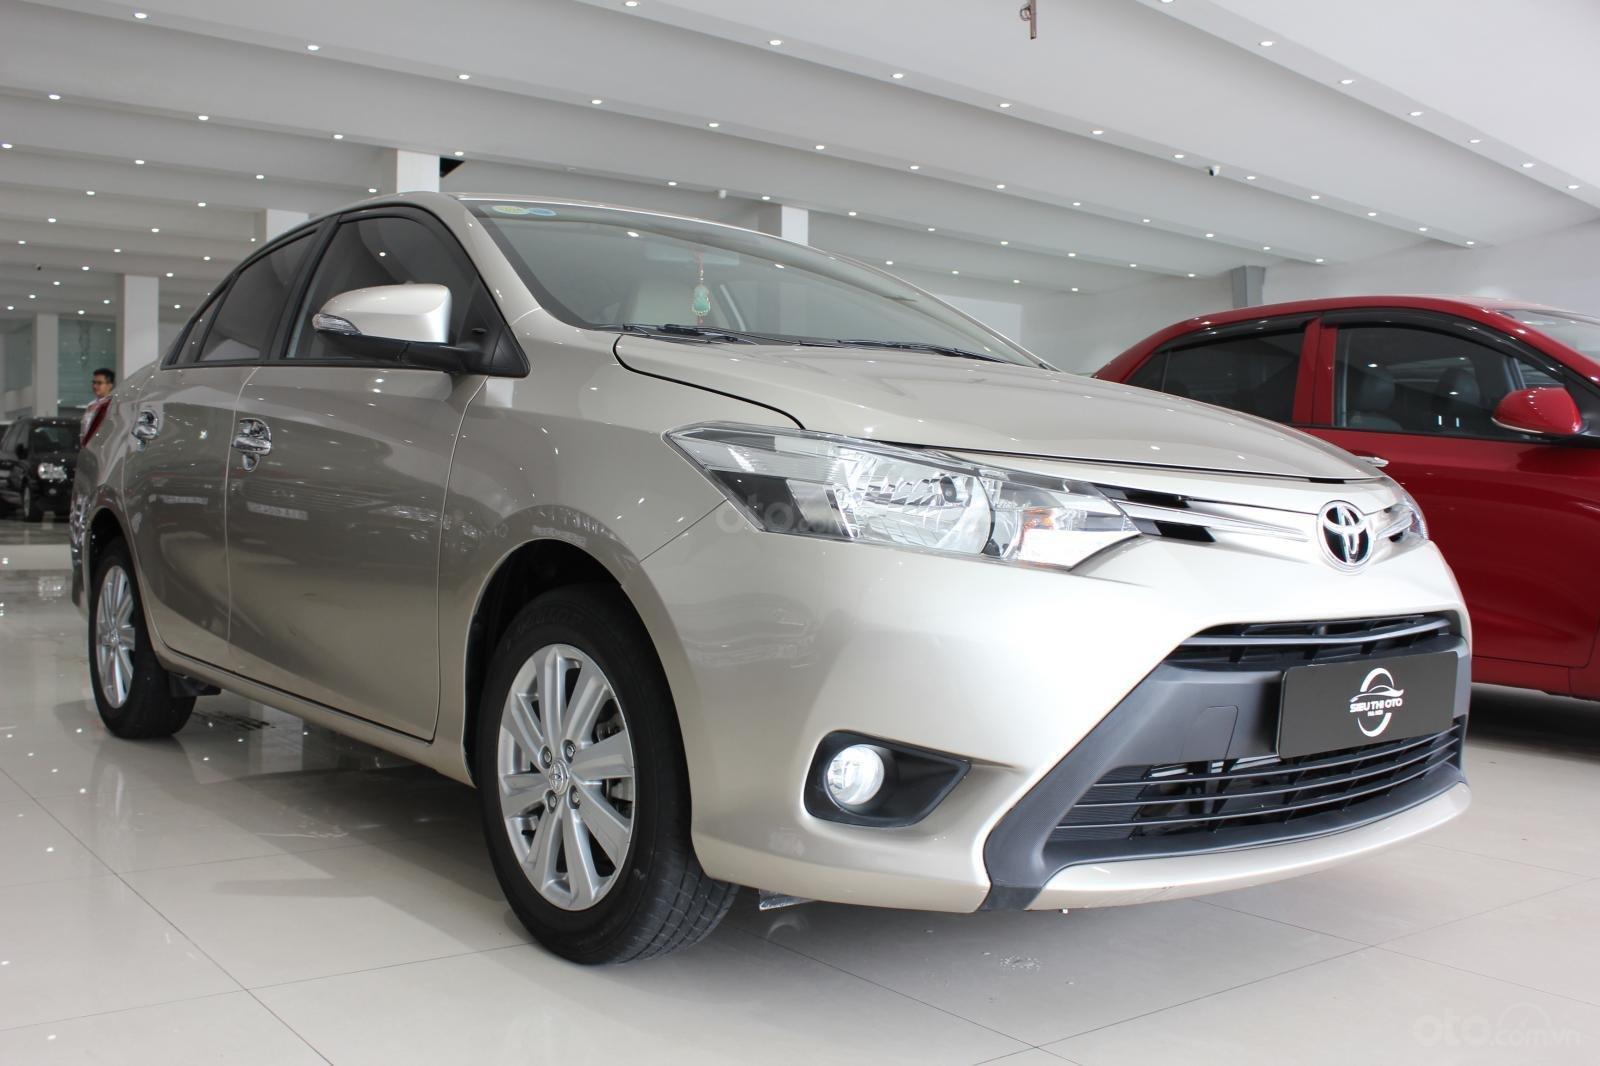 Cần bán Toyota Vios E đời 2017, màu bạc số tự động, 510 triệu (1)